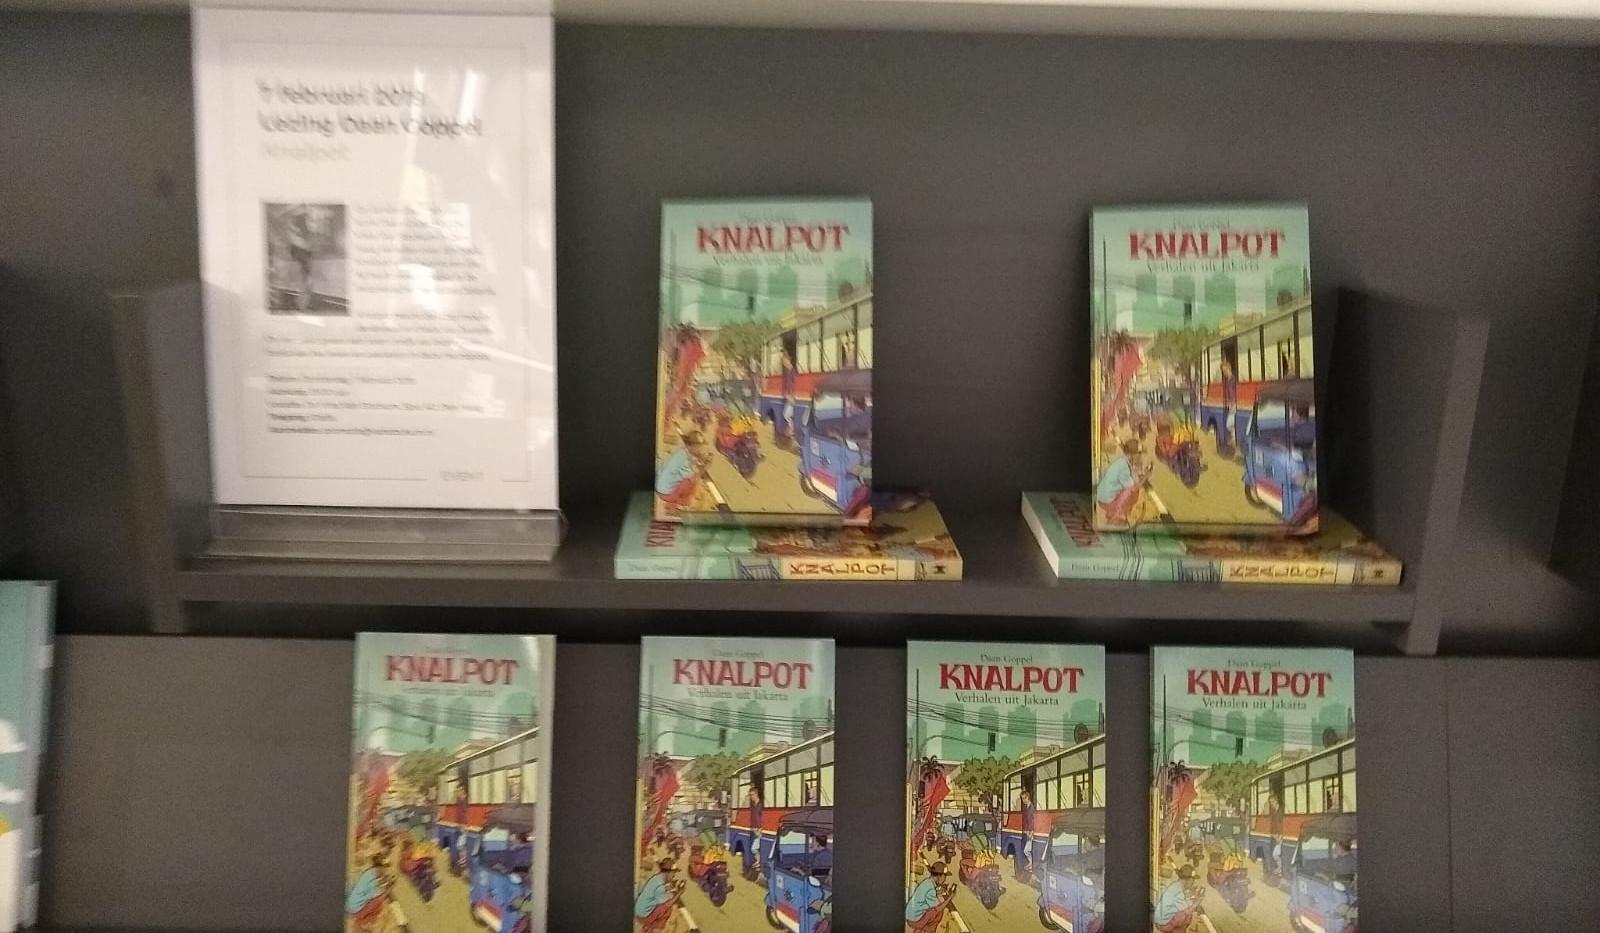 Knalpot lezing boekhandel De Vries Van Stockum